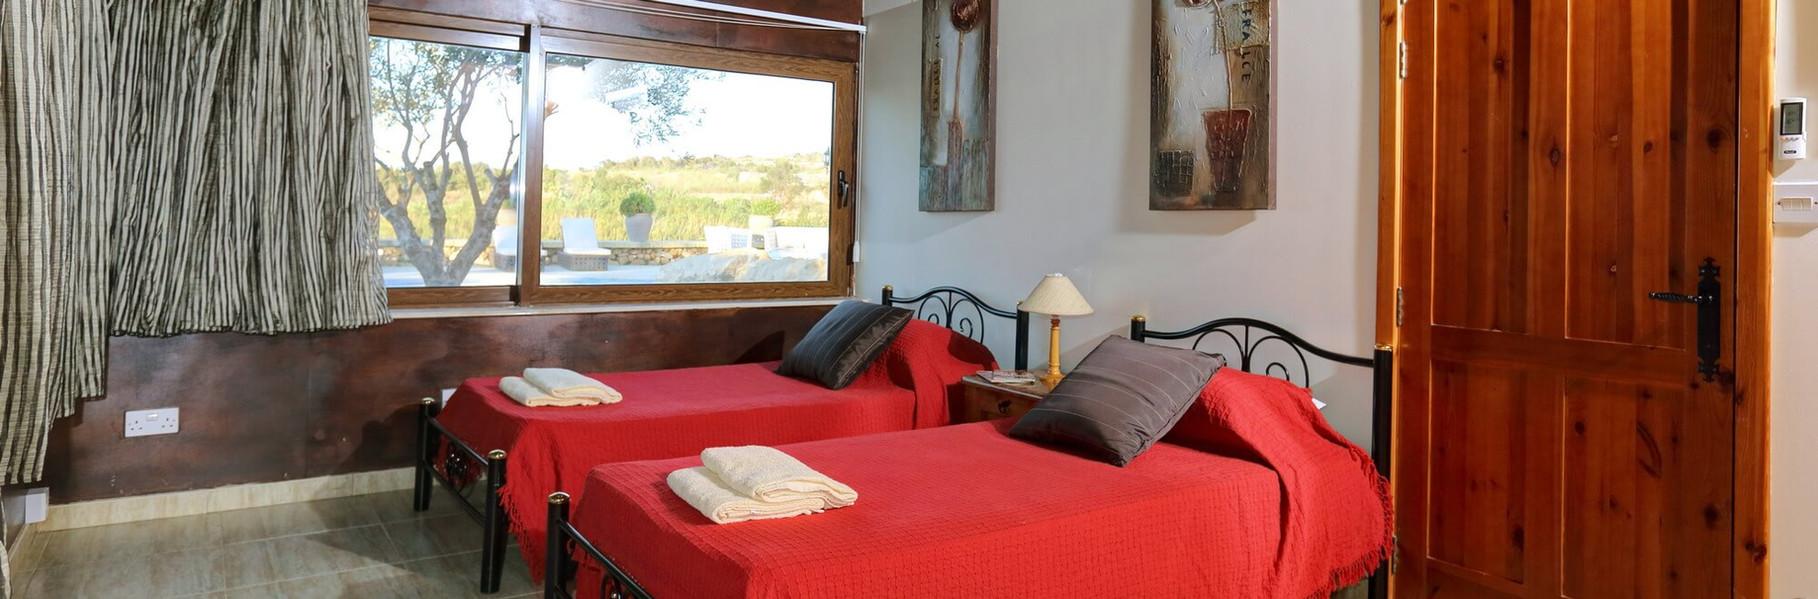 bedroom5-villa1.jpg